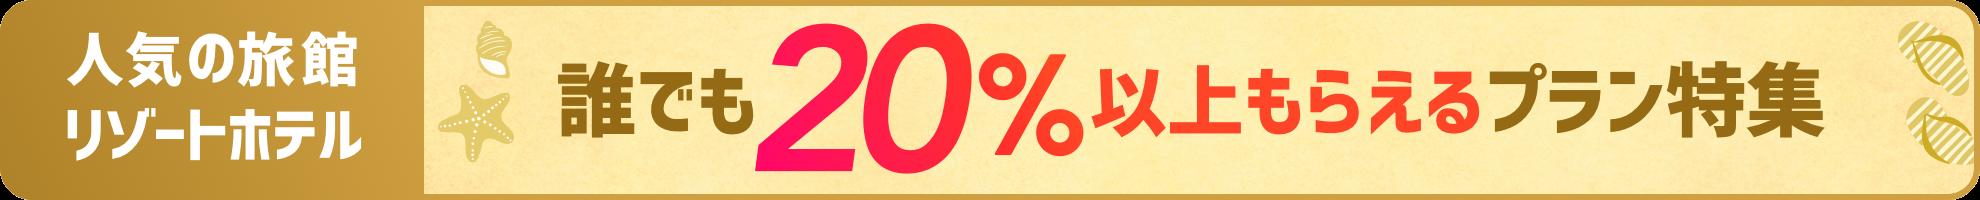 人気の旅館・リゾートホテル 誰でも20%以上もらえるプラン特集